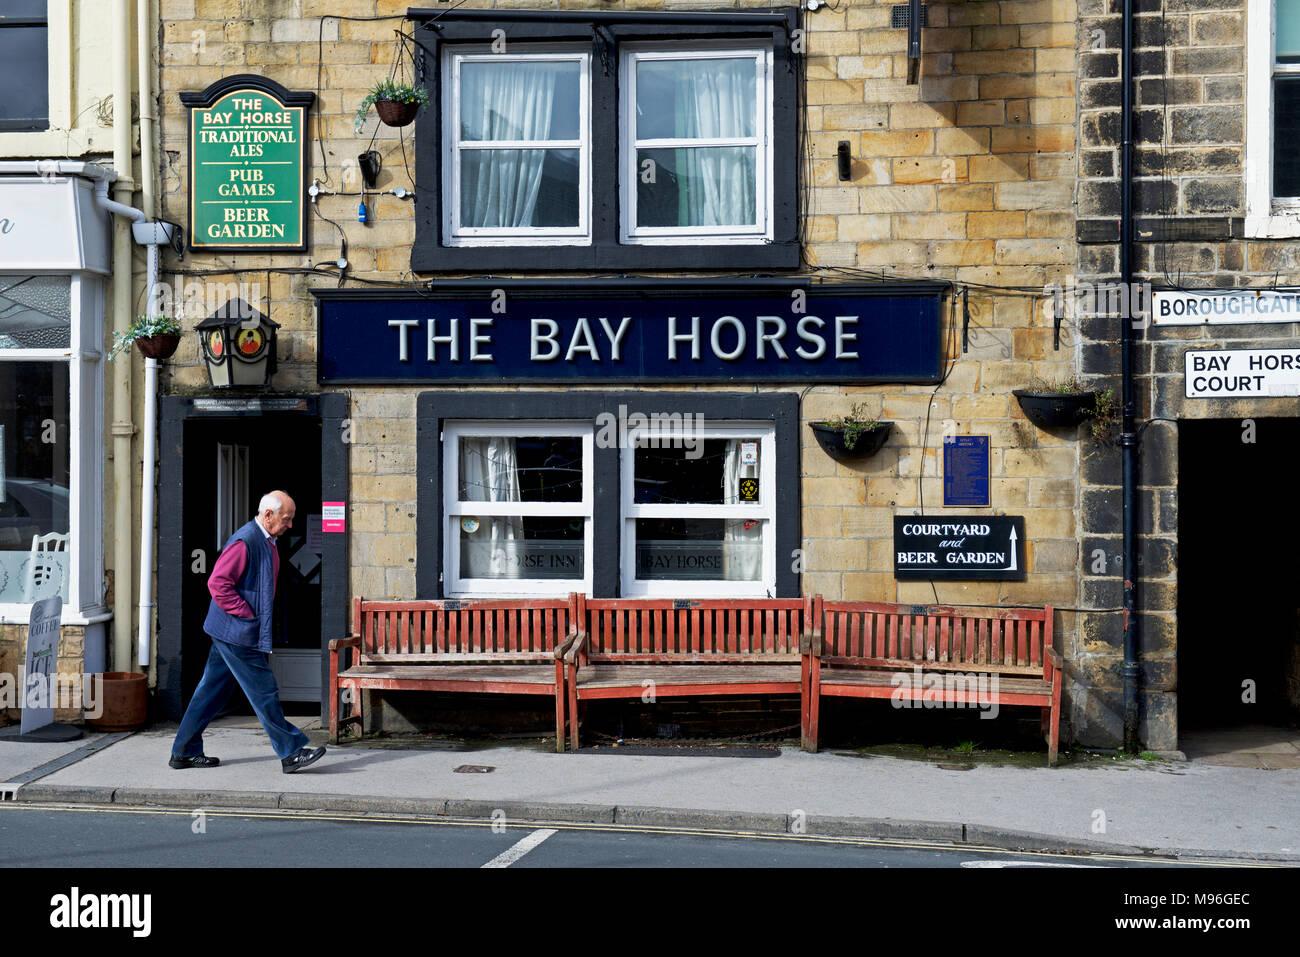 Man walking past the Bay Horse pub, Otley, West Yorkshire, England UK - Stock Image